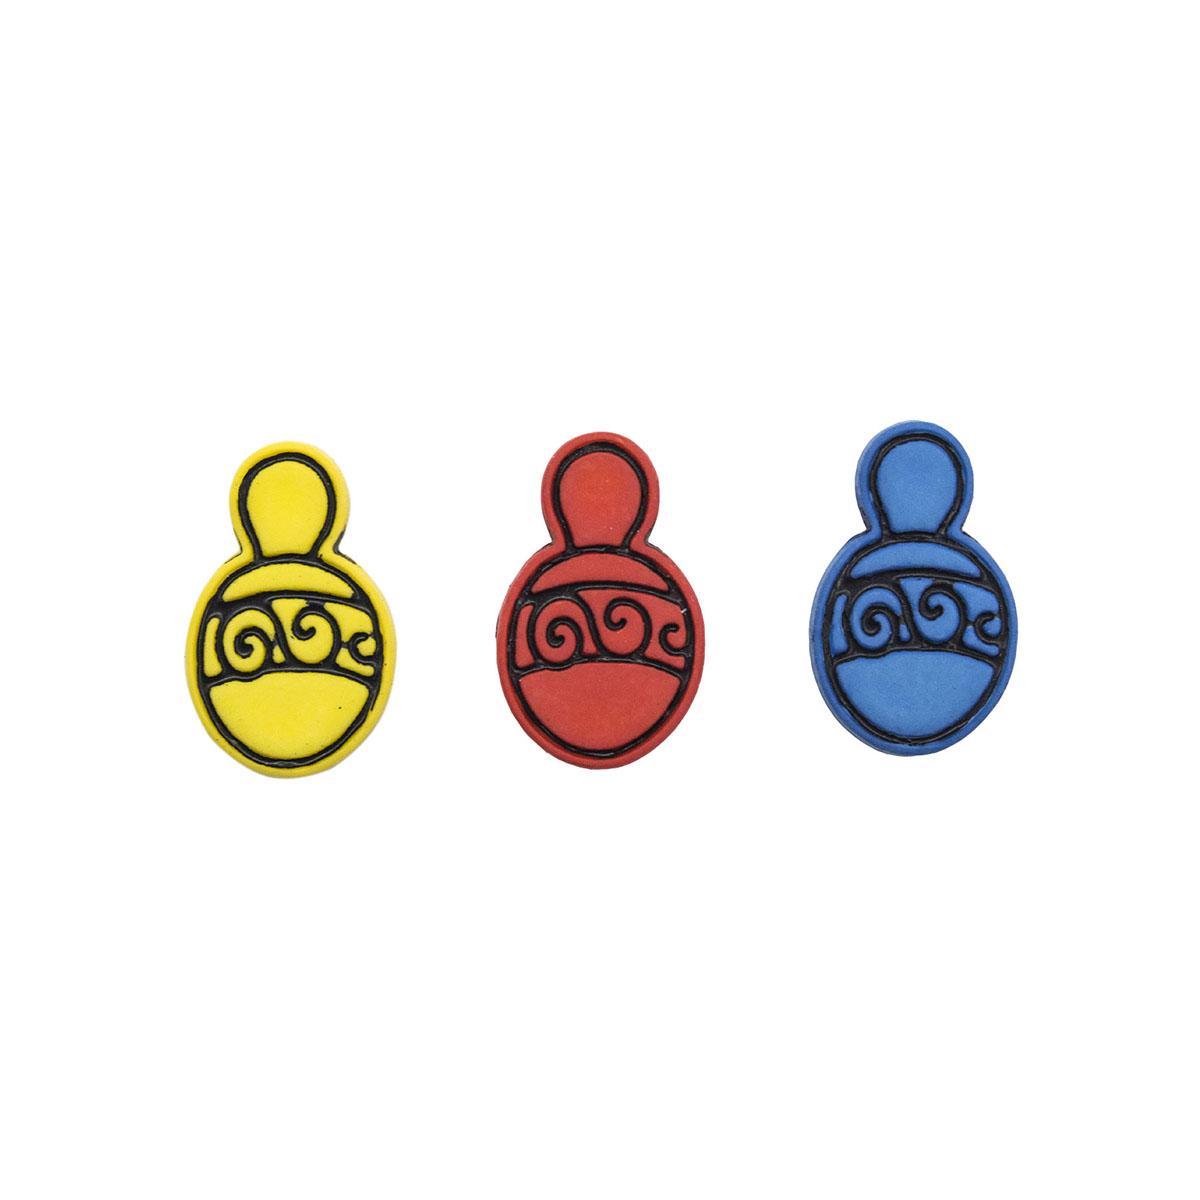 I1531-DW2 Декоративный элемент 'Погремушка', упак./6 шт. Magic Buttons